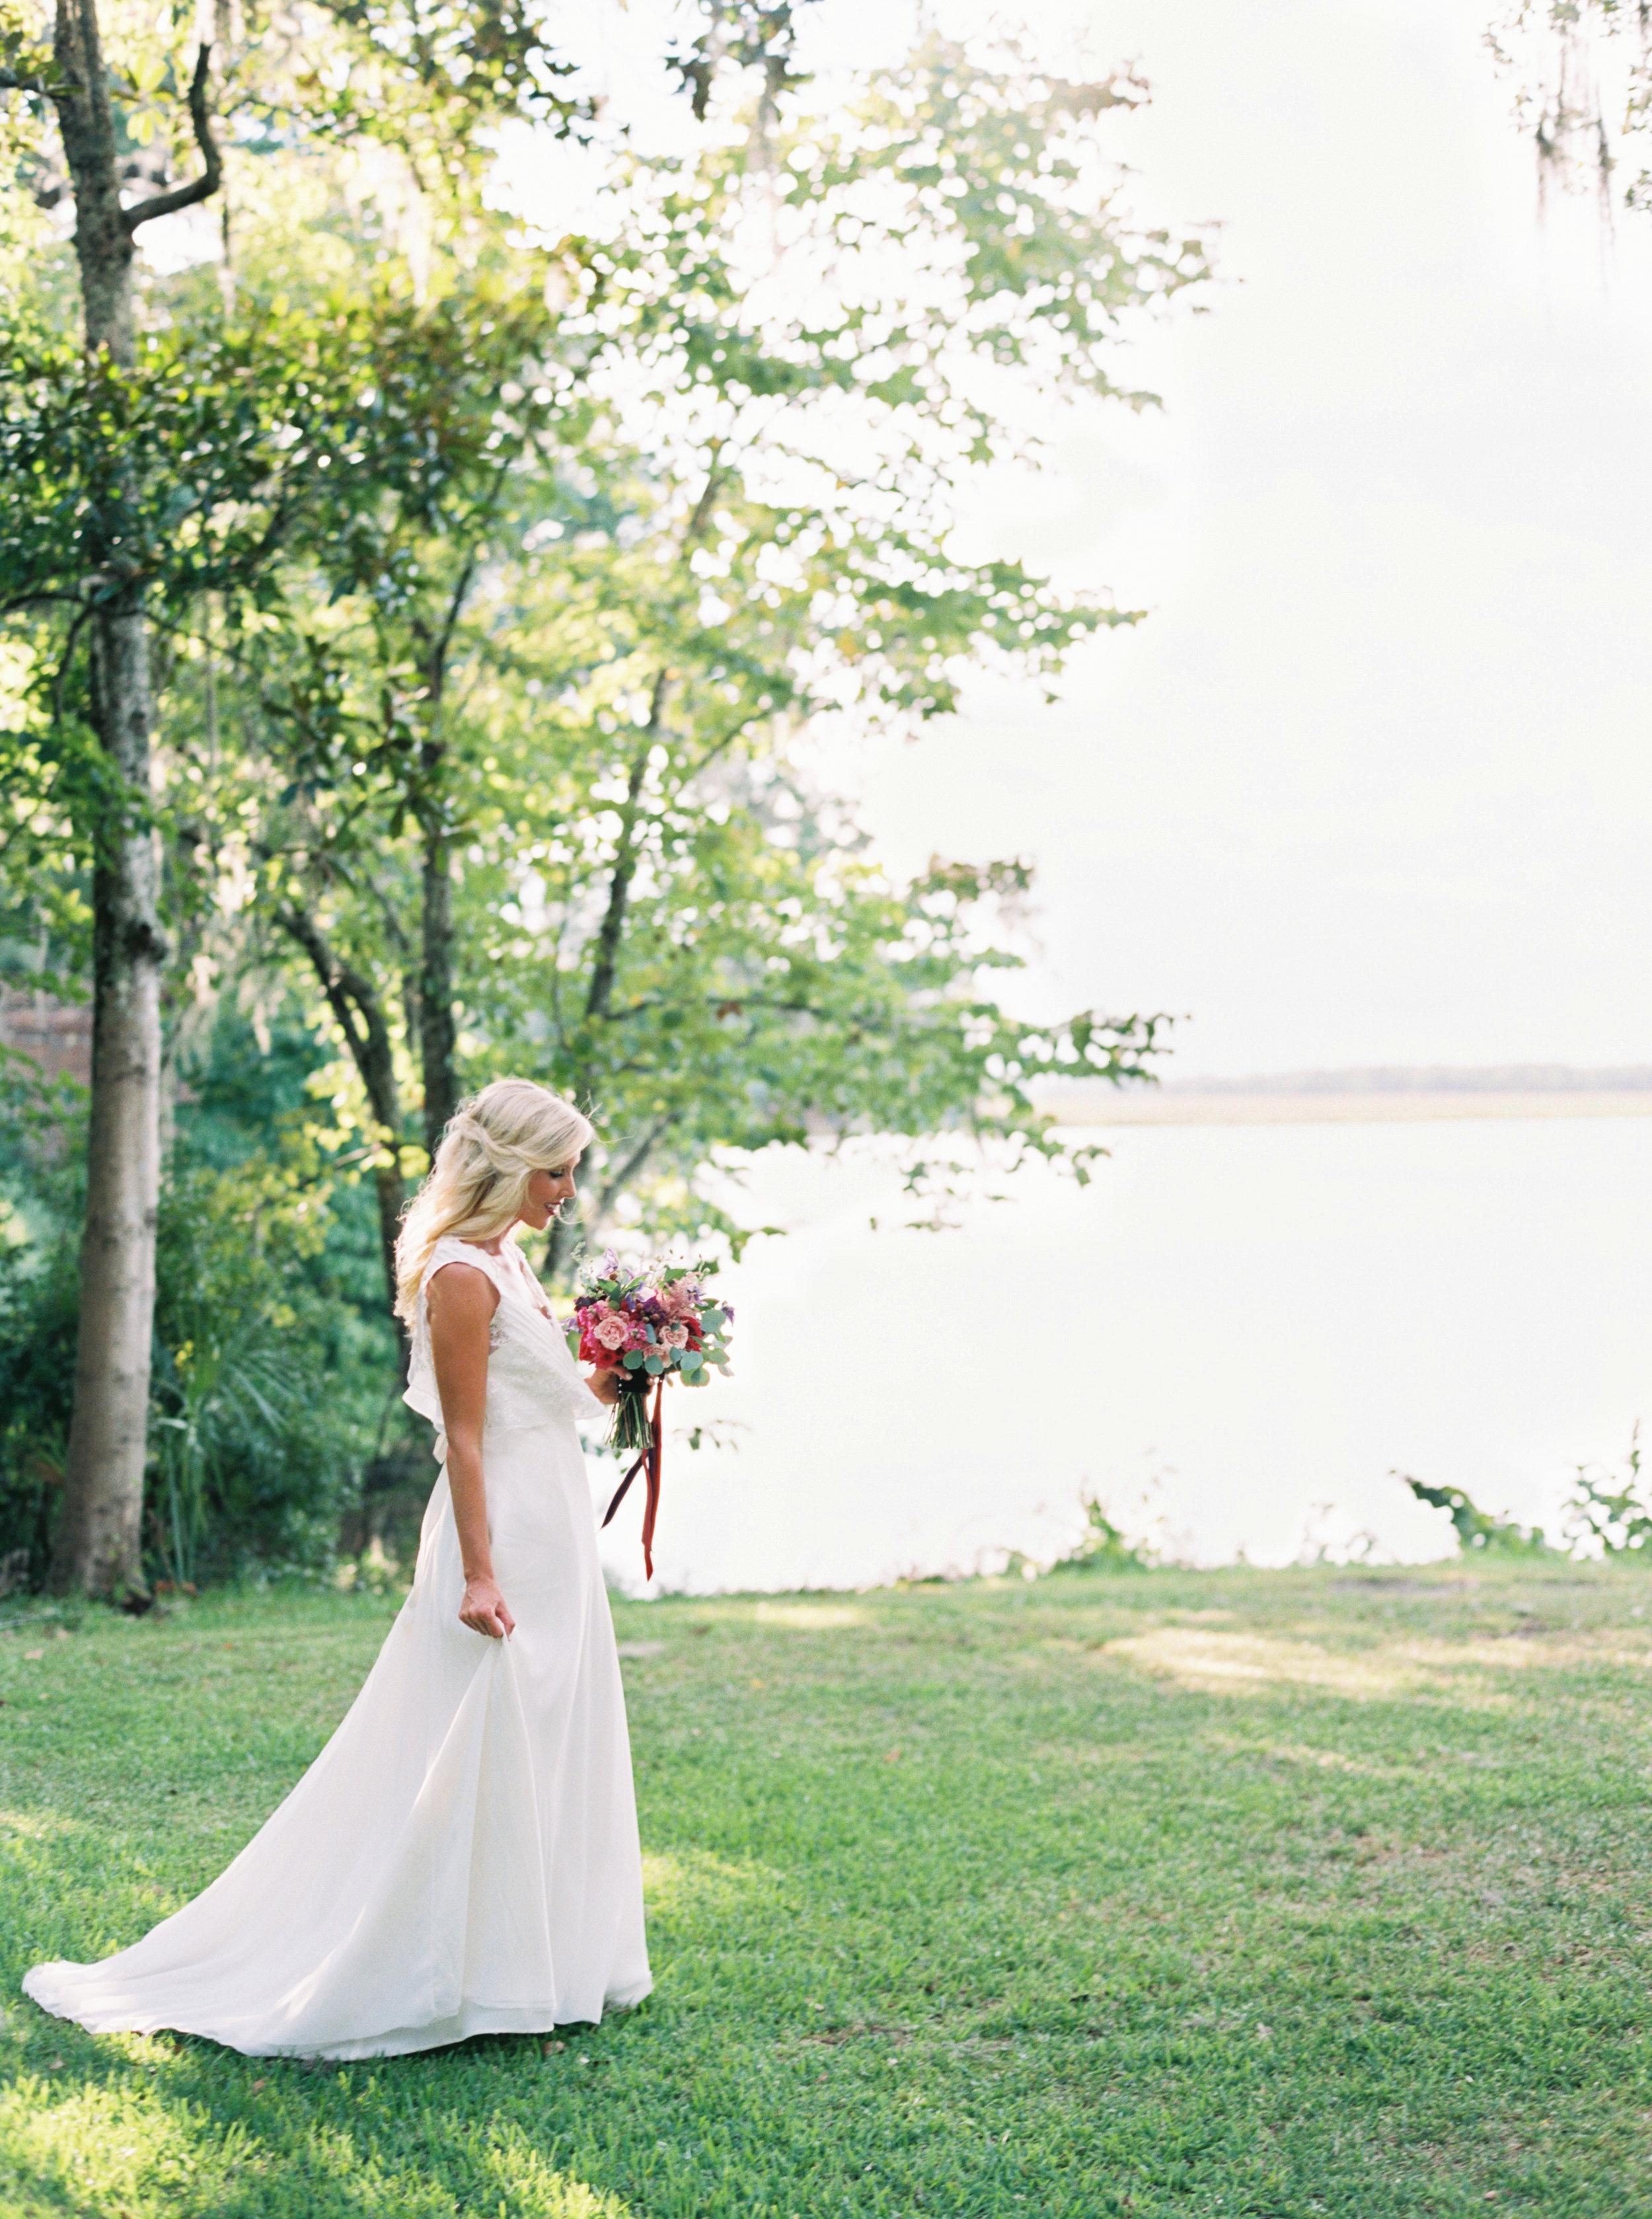 Charleston wedding dress designer - Emily Kotarski Bridal